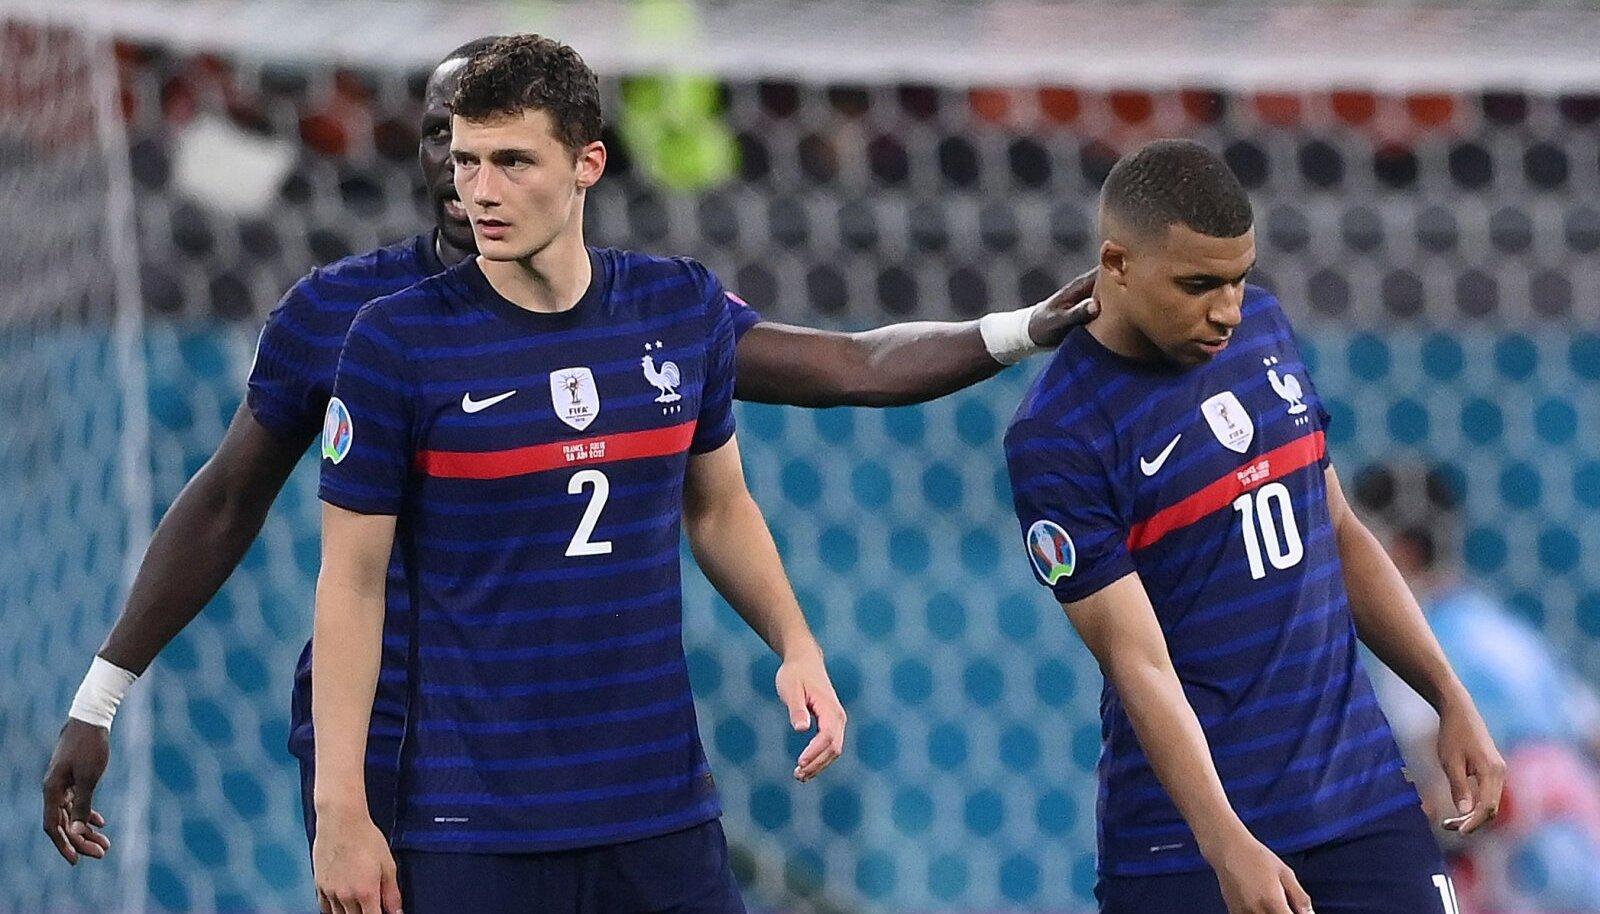 Prantsuse koondislased lohutavad Kylian Mbappet